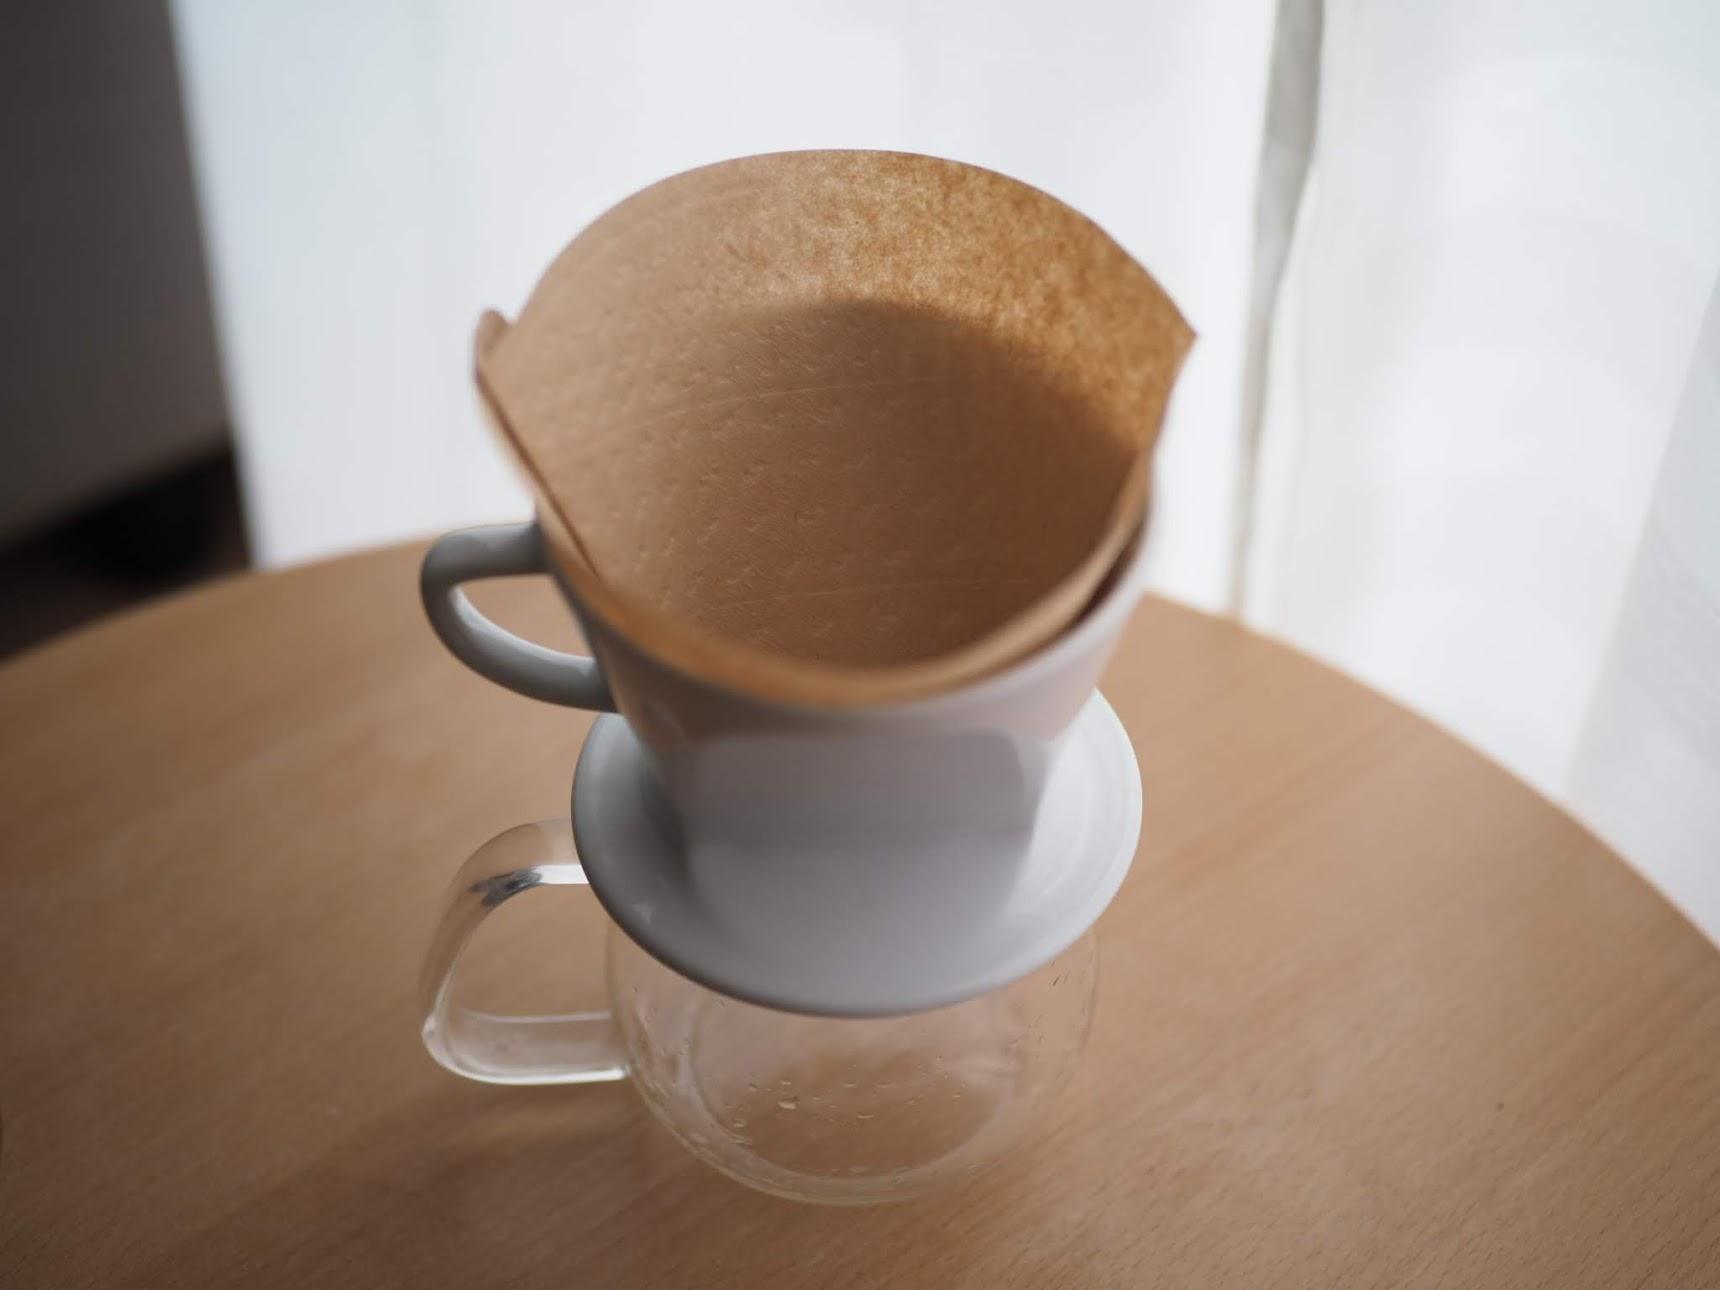 別のコーヒーサーバーにドリッパーとフィルターをセット